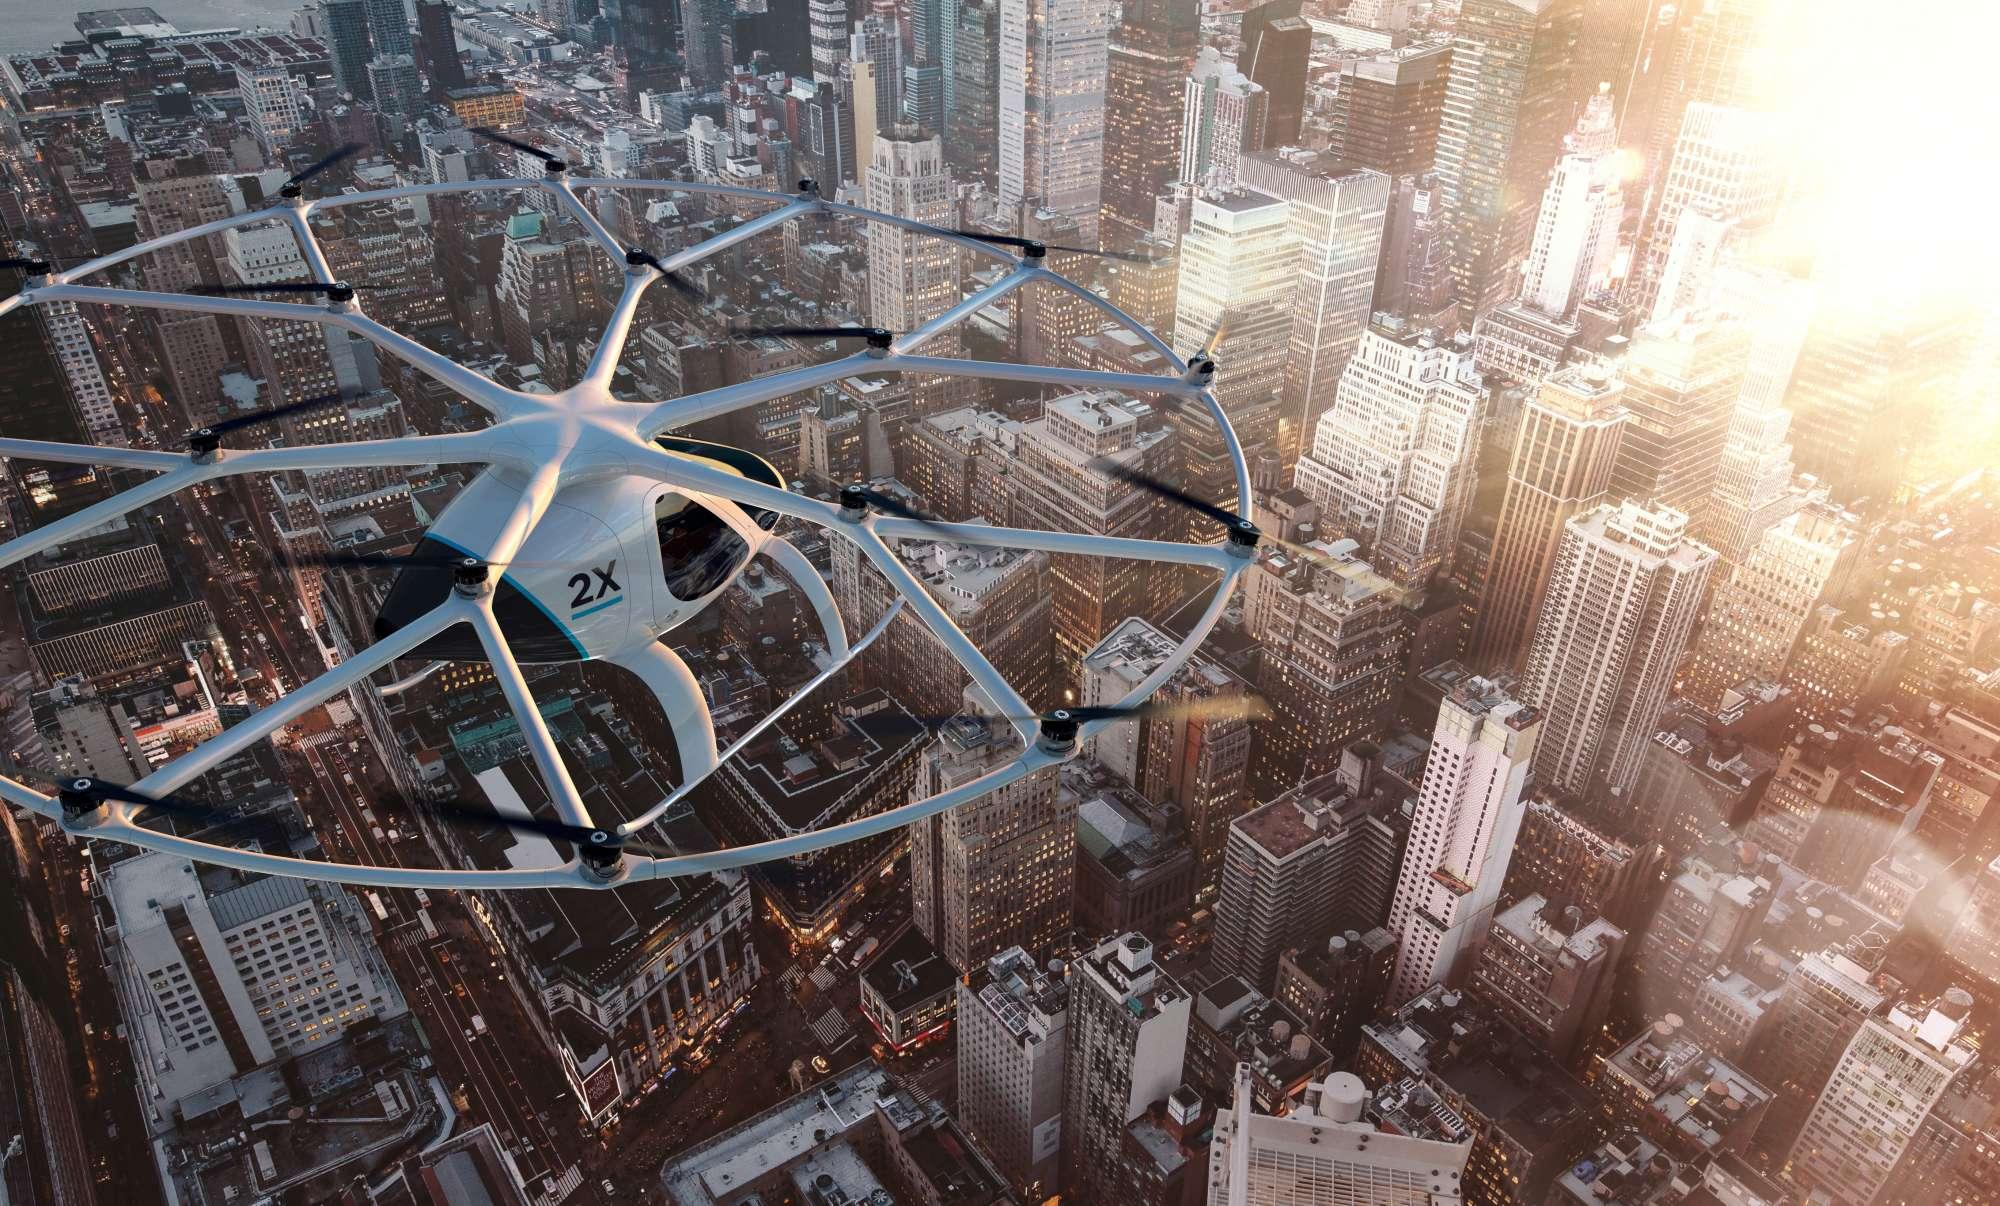 https://cdn.drivemag.net/media/default/0001/60/volocopter-02-3164.jpeg